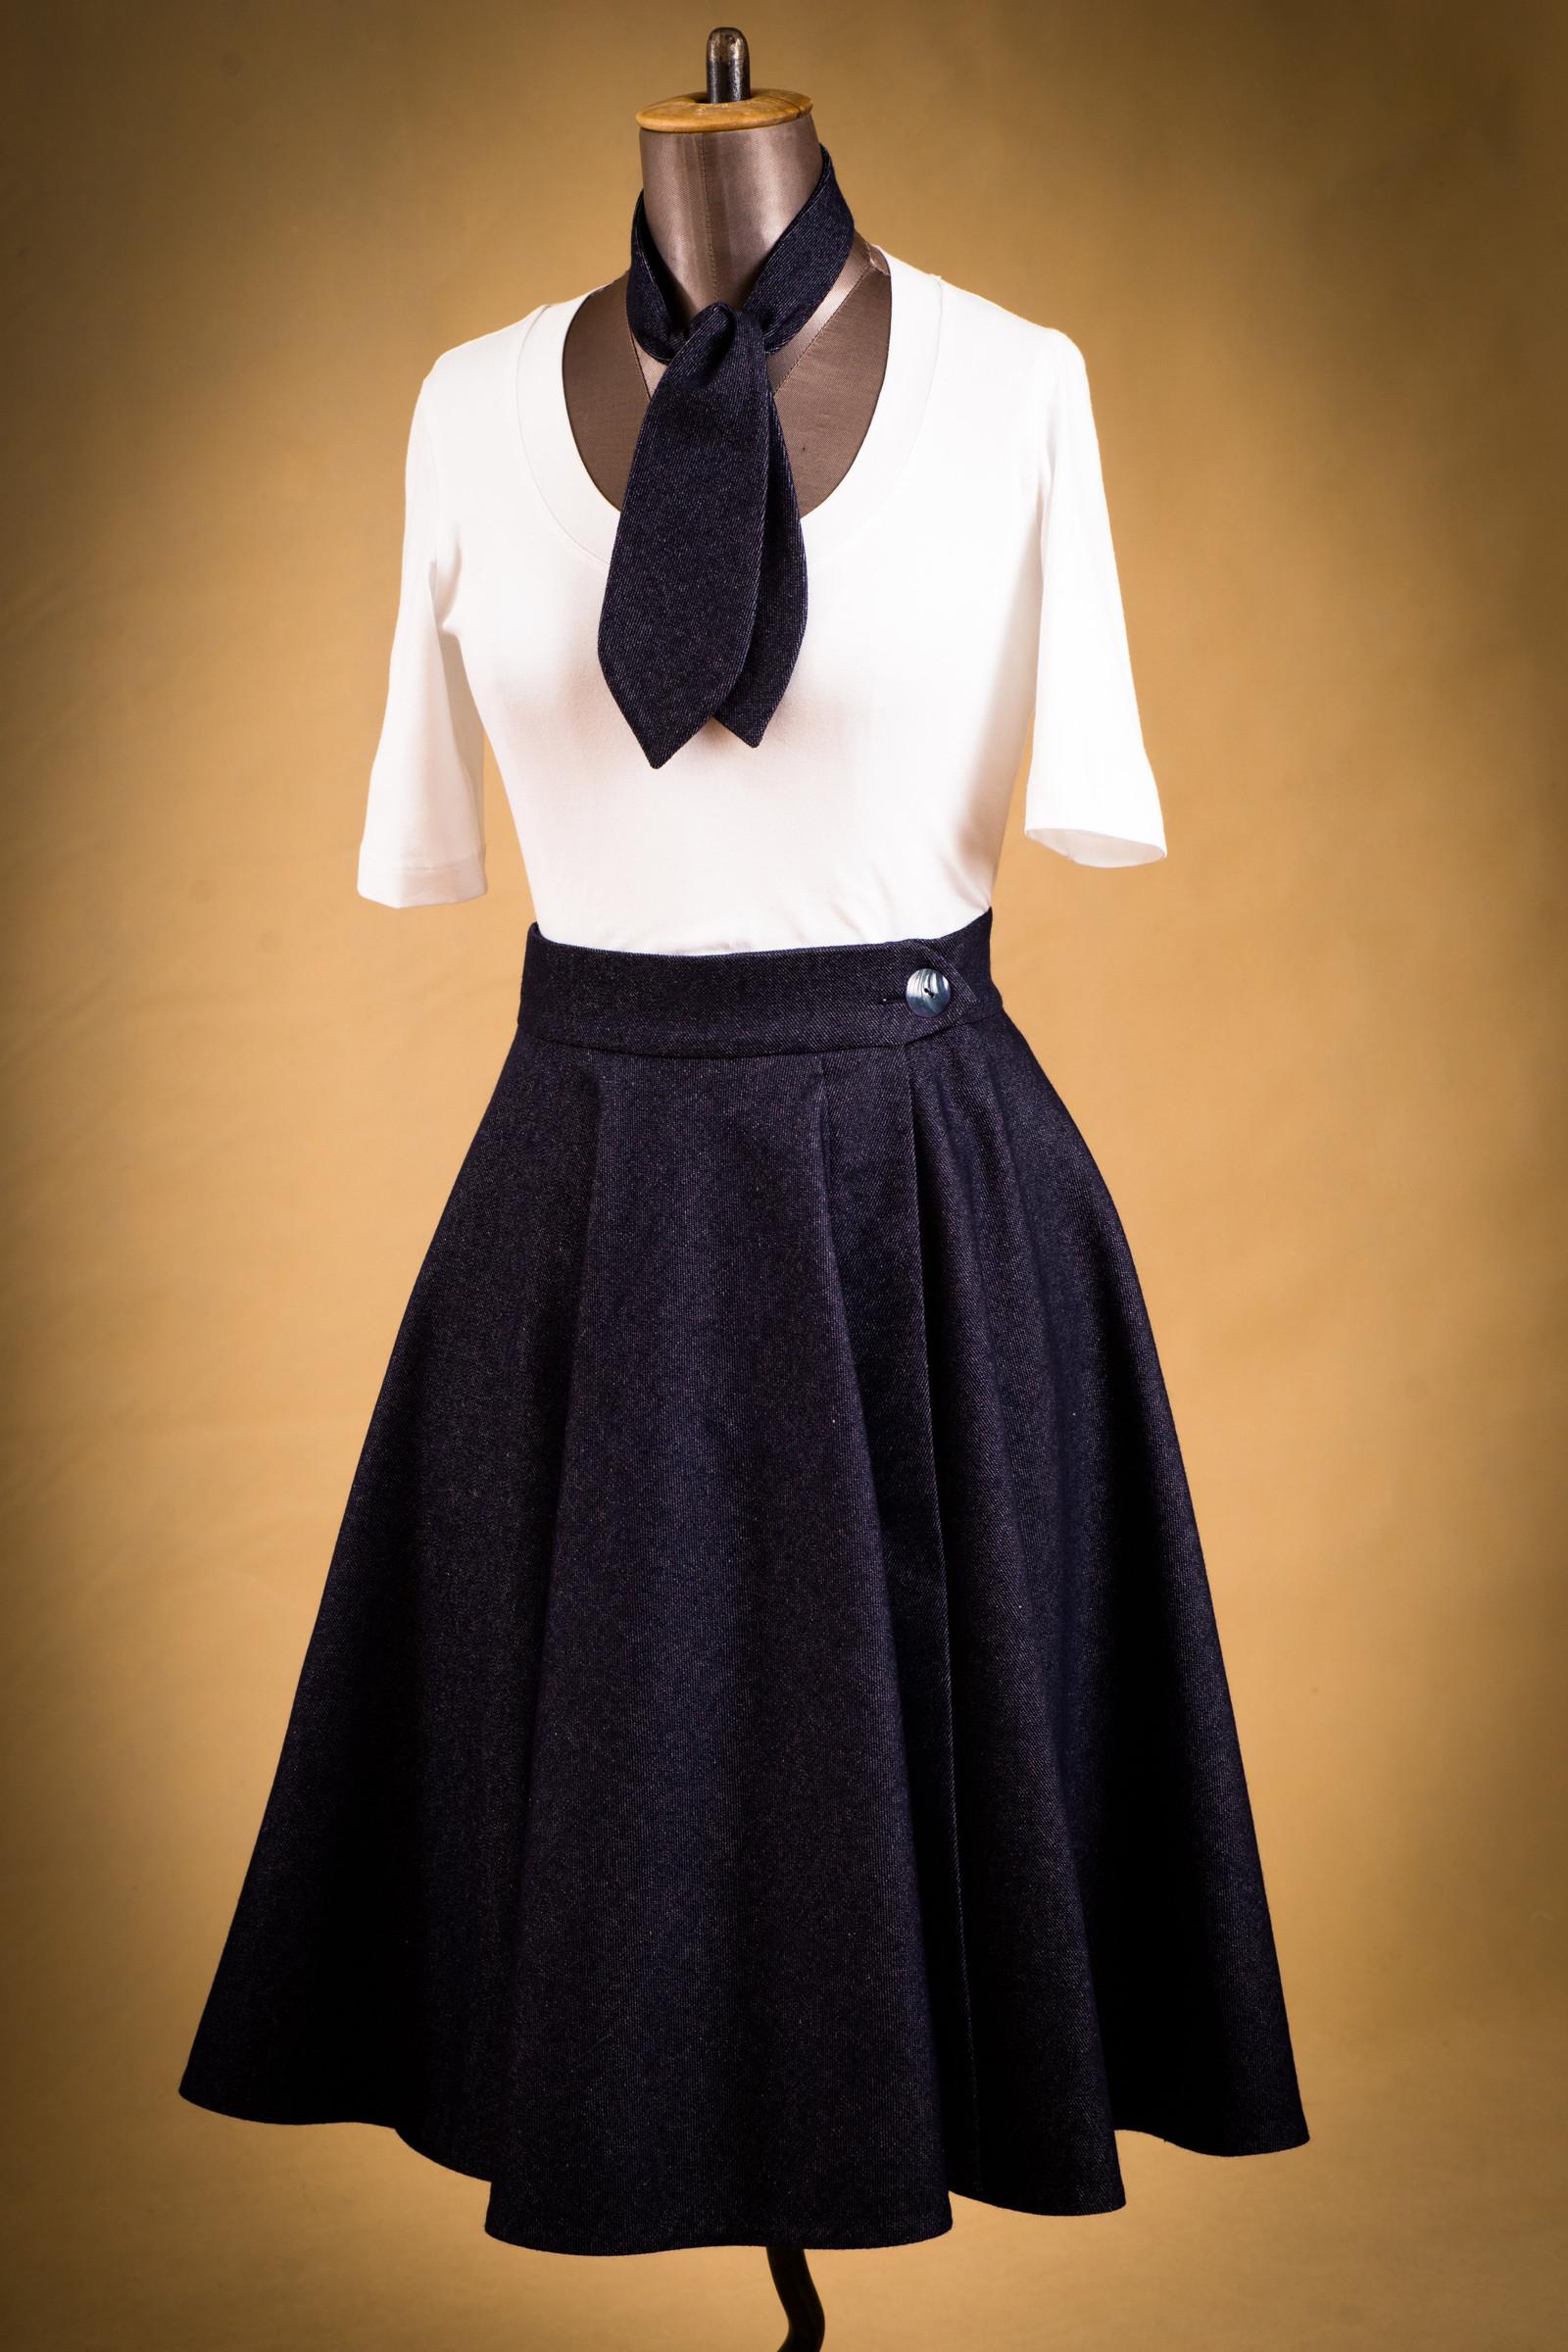 Dámská zavinovací kolová sukně   Zboží prodejce STUDIO 99  611c643e26